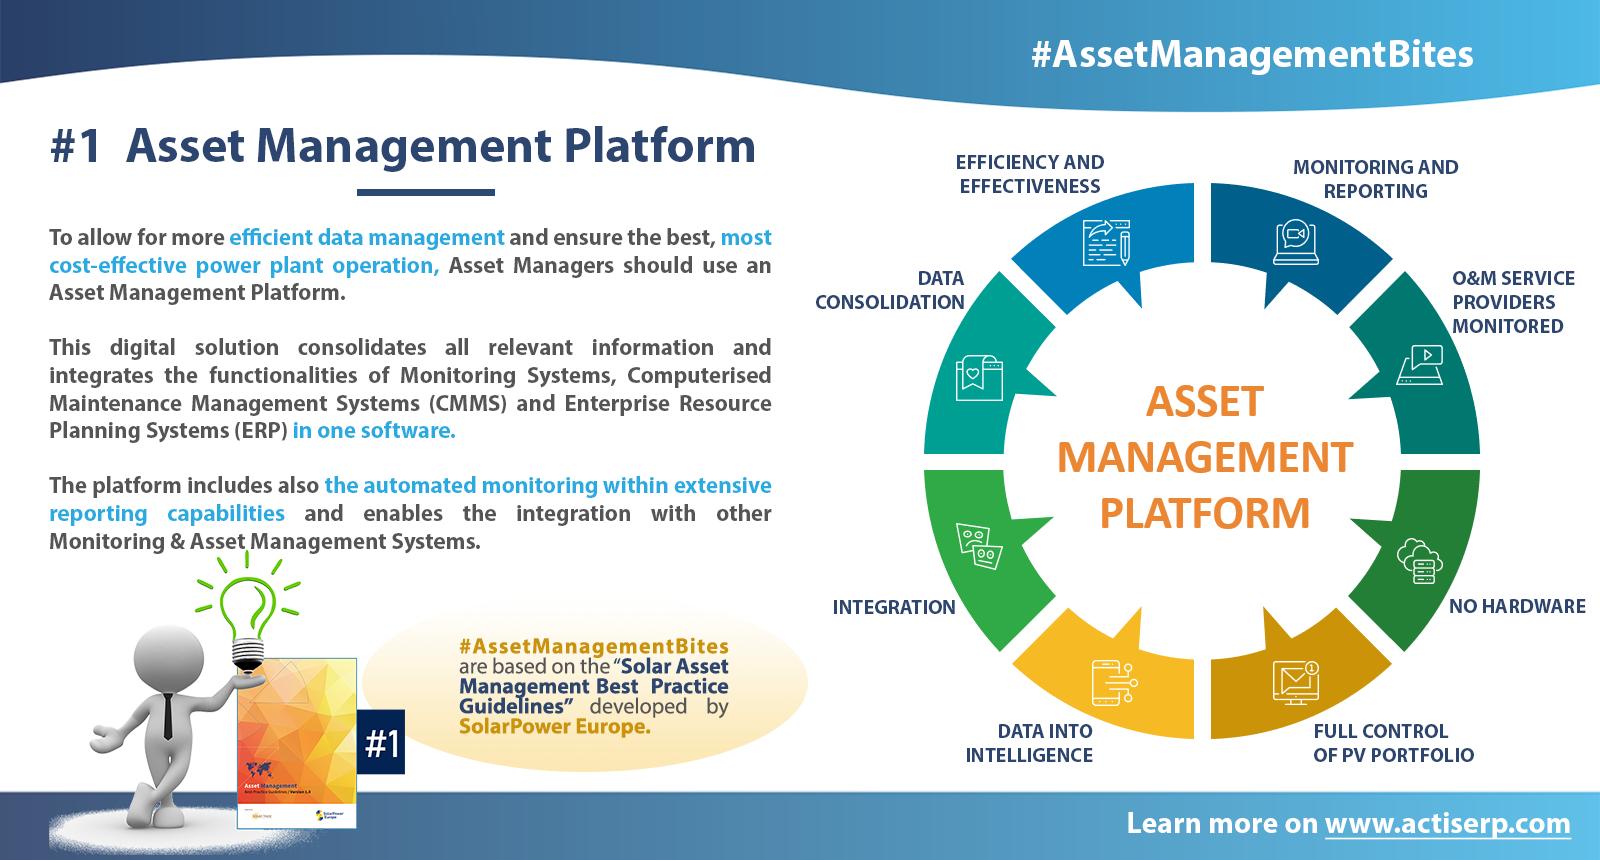 Asset Management Bites nr 1 Asset Management Platform